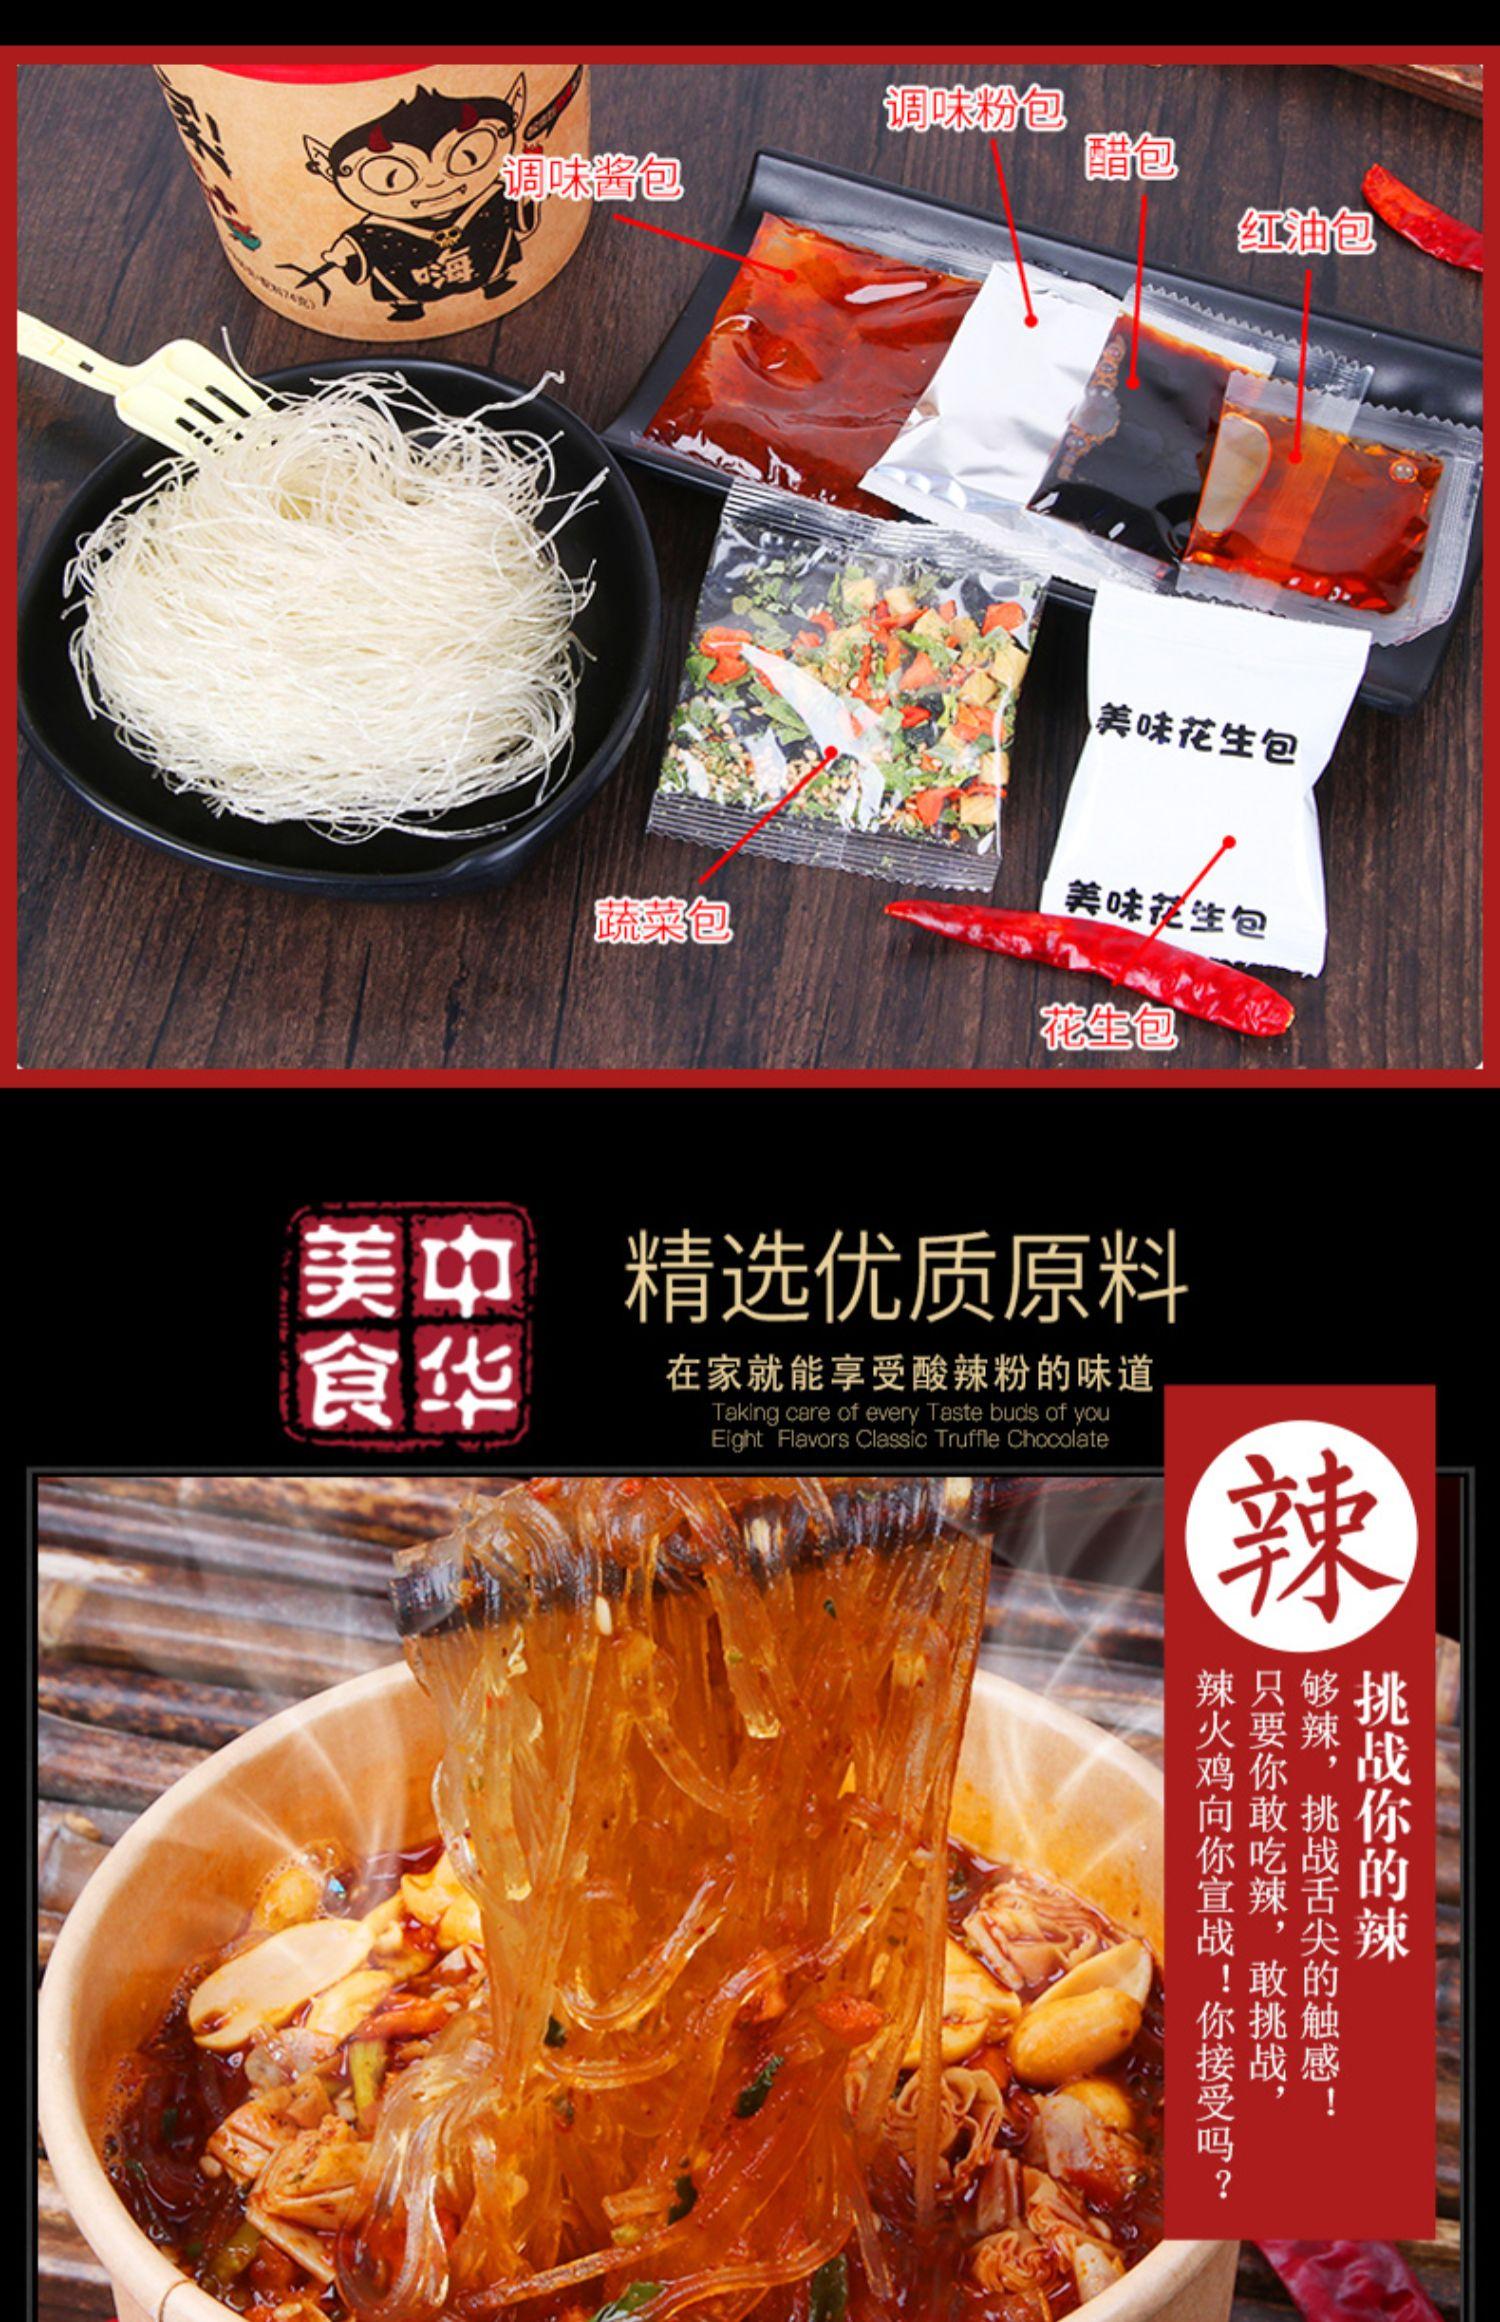 嗨吃家酸辣粉 6桶速食正宗重庆土豆螺蛳粉丝米线泡面方便面整箱装商品详情图